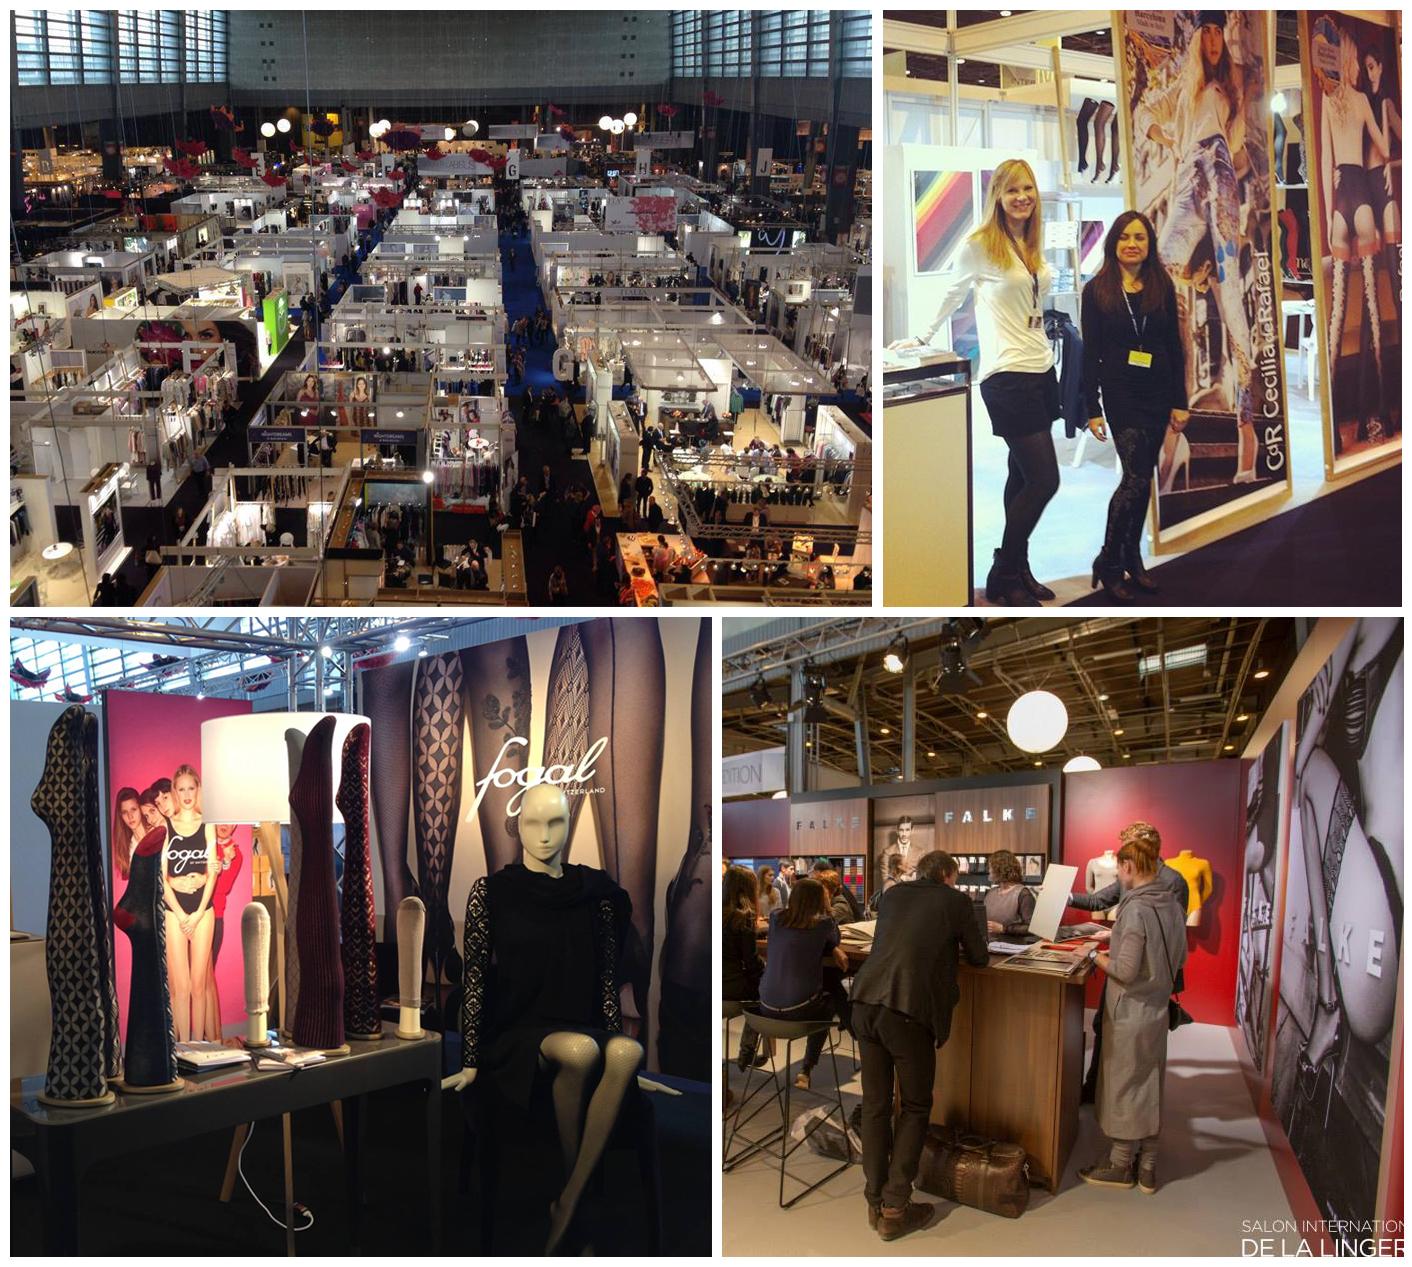 Salon International de la Lingerie hosiery brands